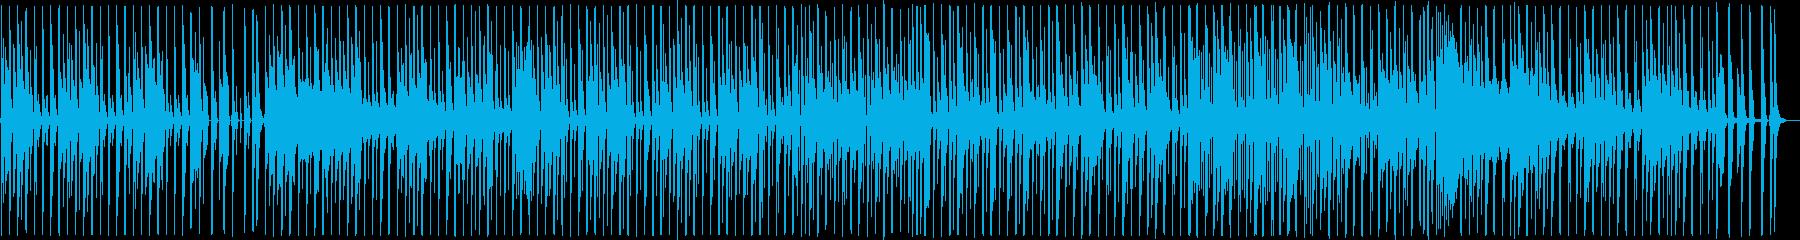 疾走感シンセサイザーなどテクノポップの再生済みの波形